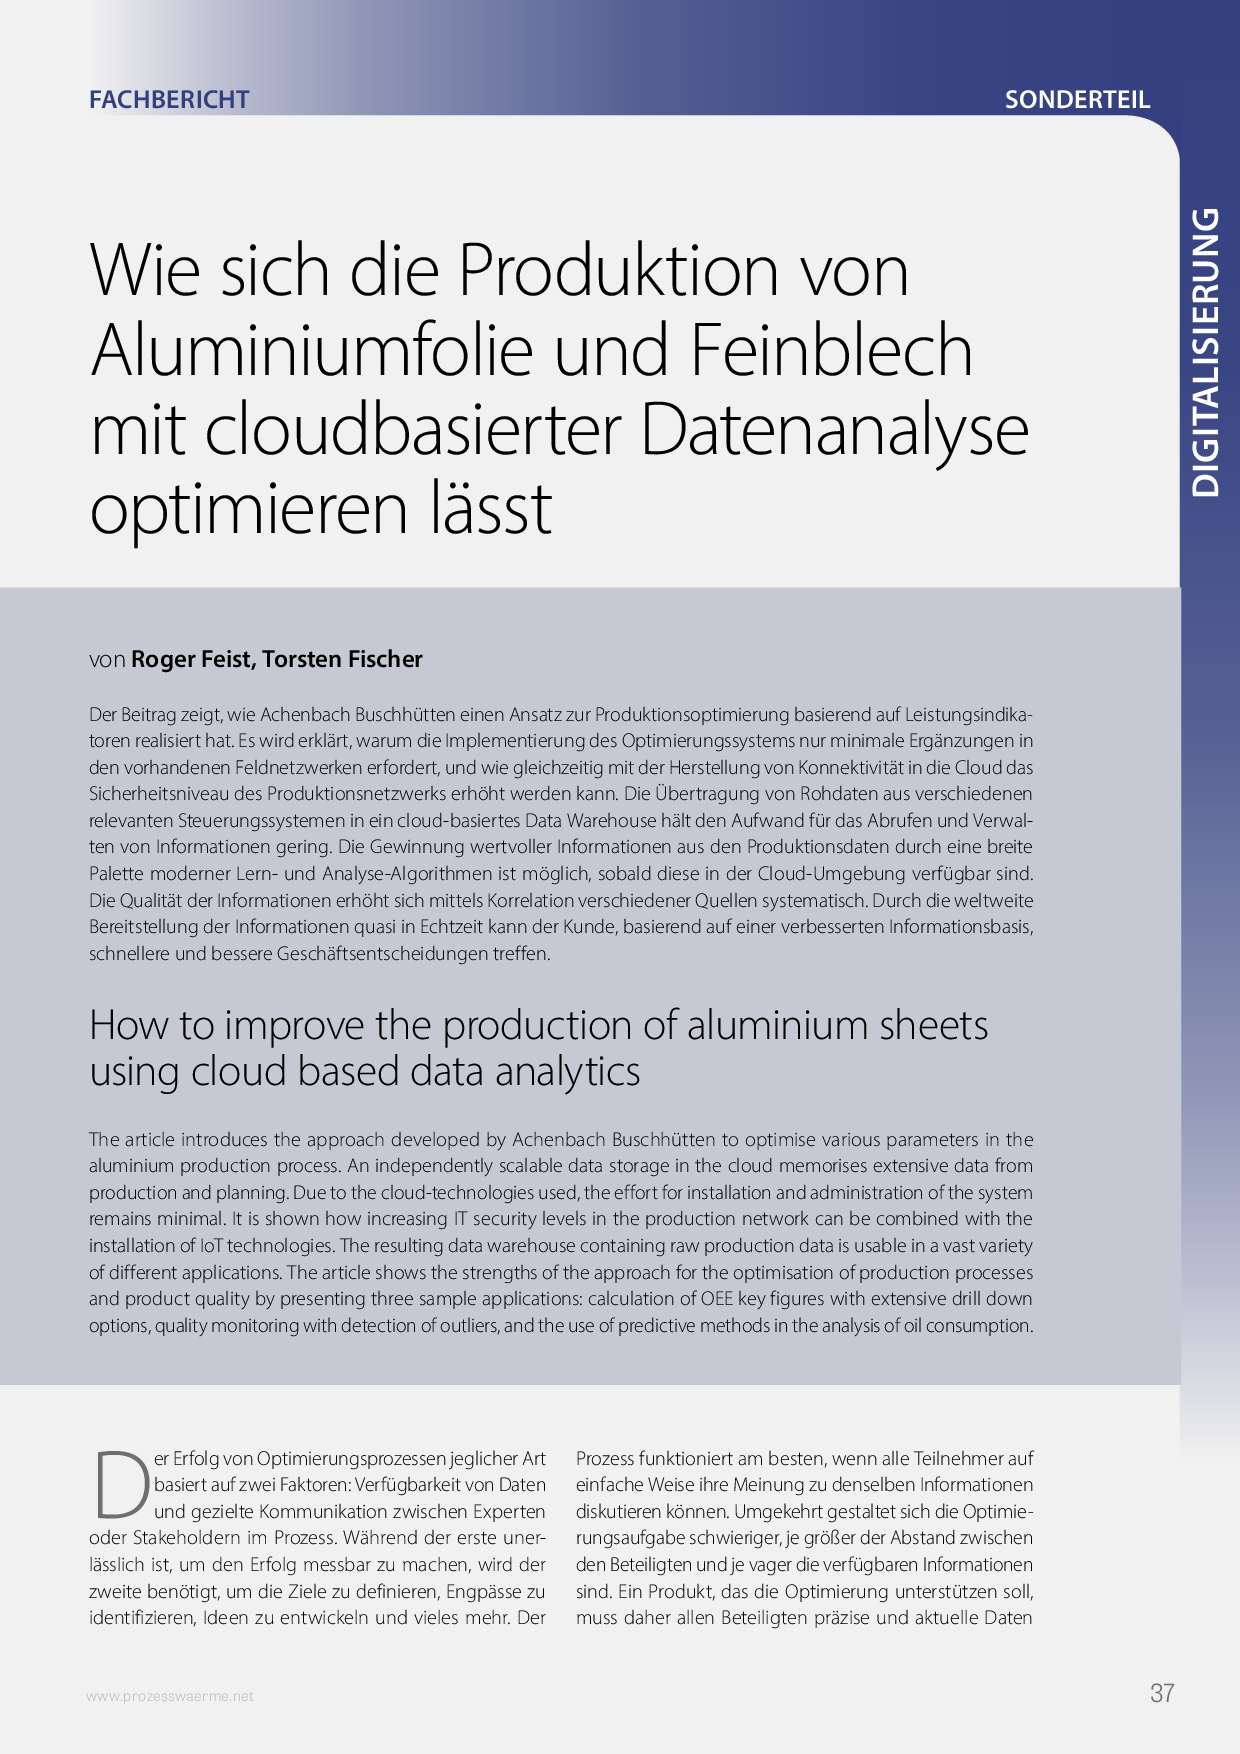 Wie sich die Produktion von Aluminiumfolie und Feinblech mit cloudbasierter Datenanalyse optimieren lässt